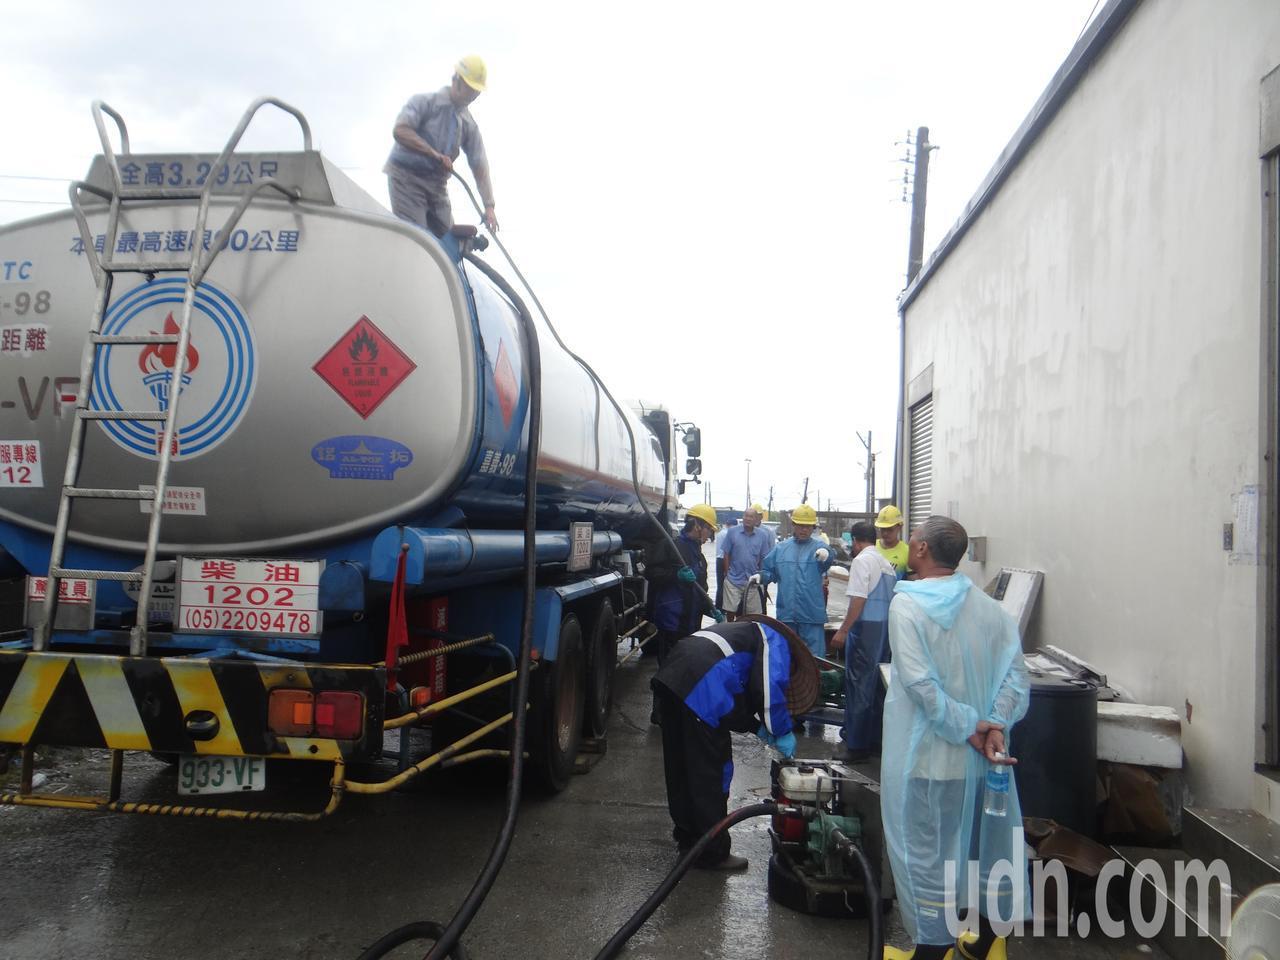 中油出動槽車協助處理殘油。記者蔡維斌/攝影